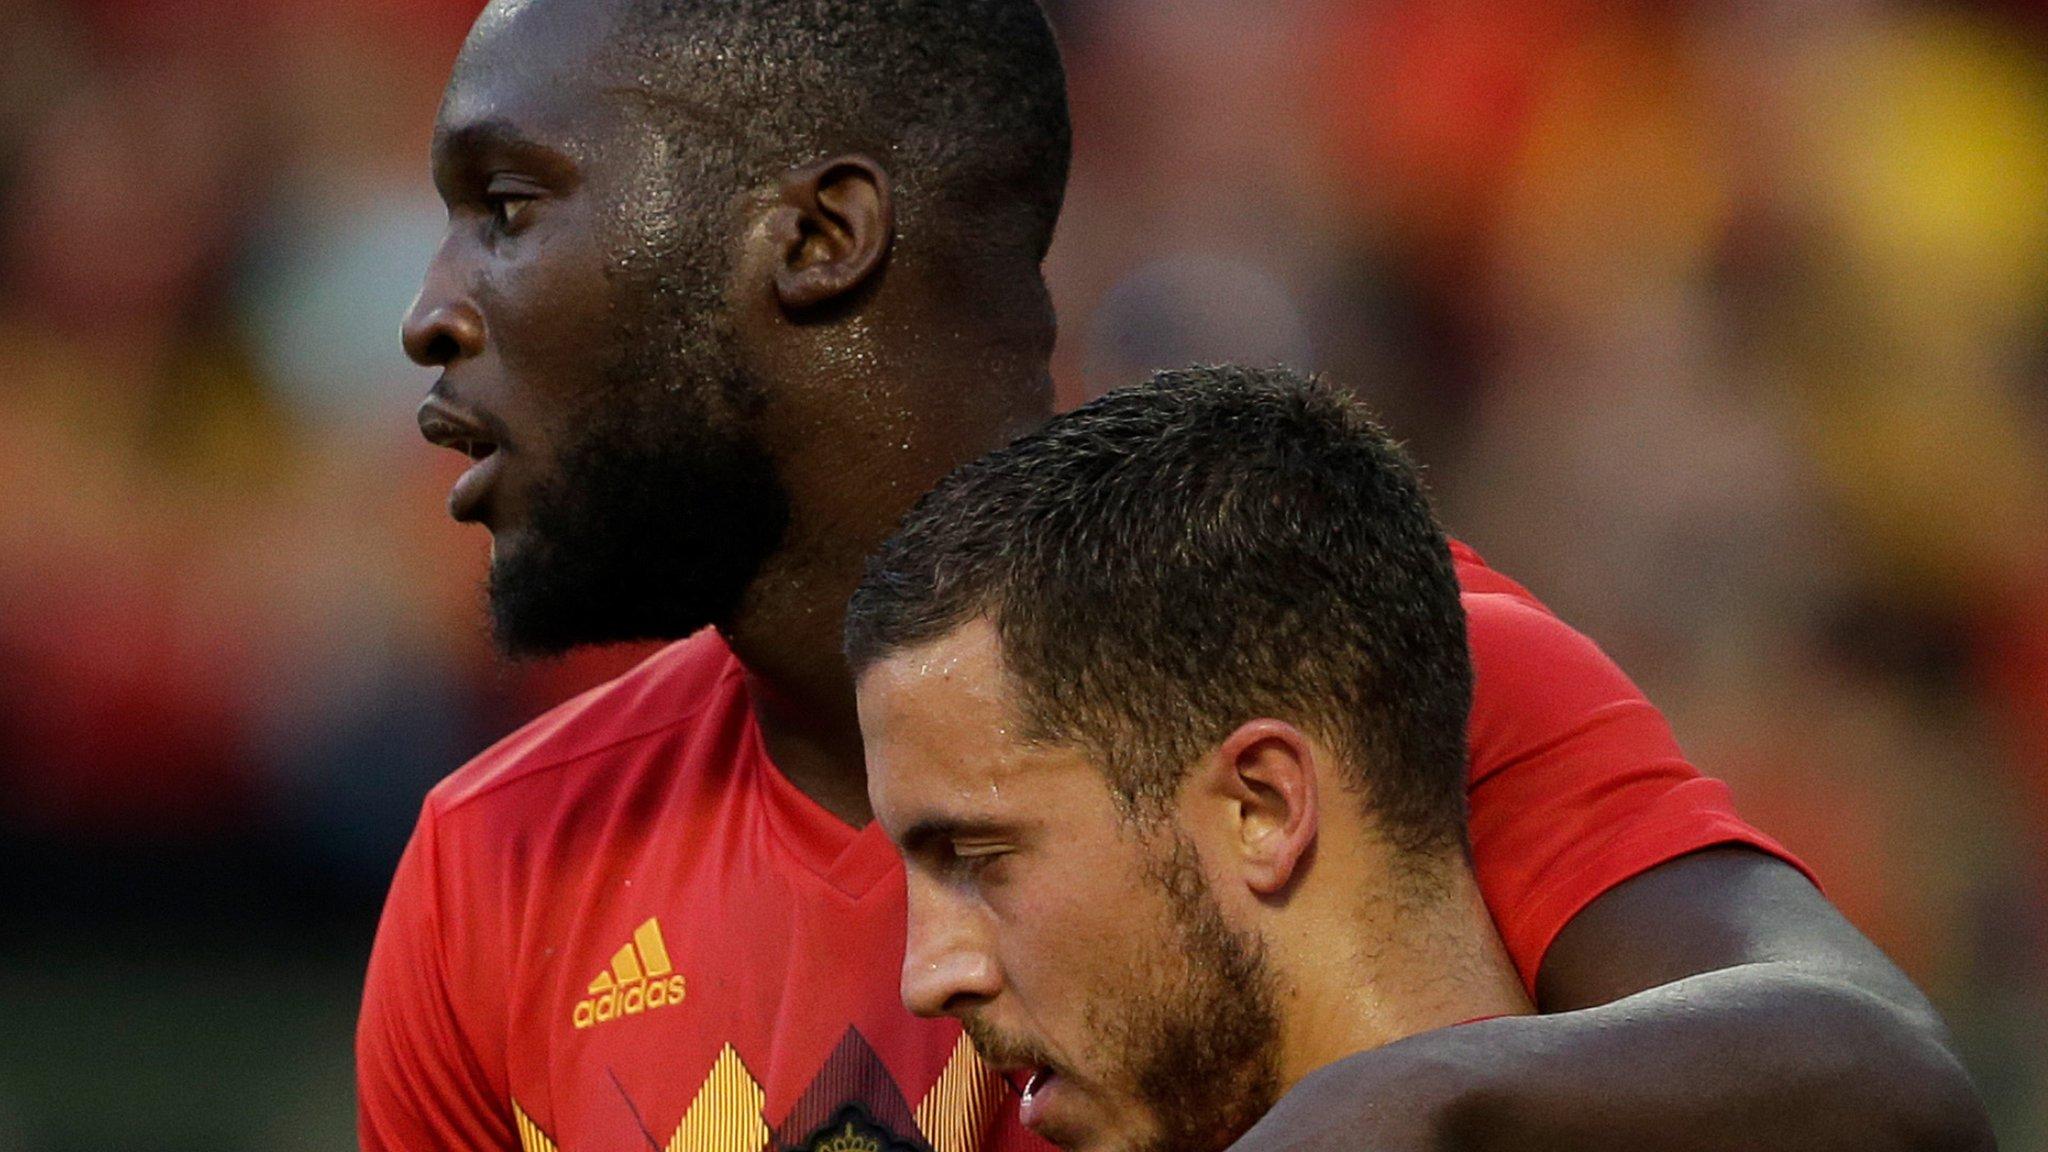 Eden Hazard says Romelu Lukaku was 'hiding' during Belgium win over Panama